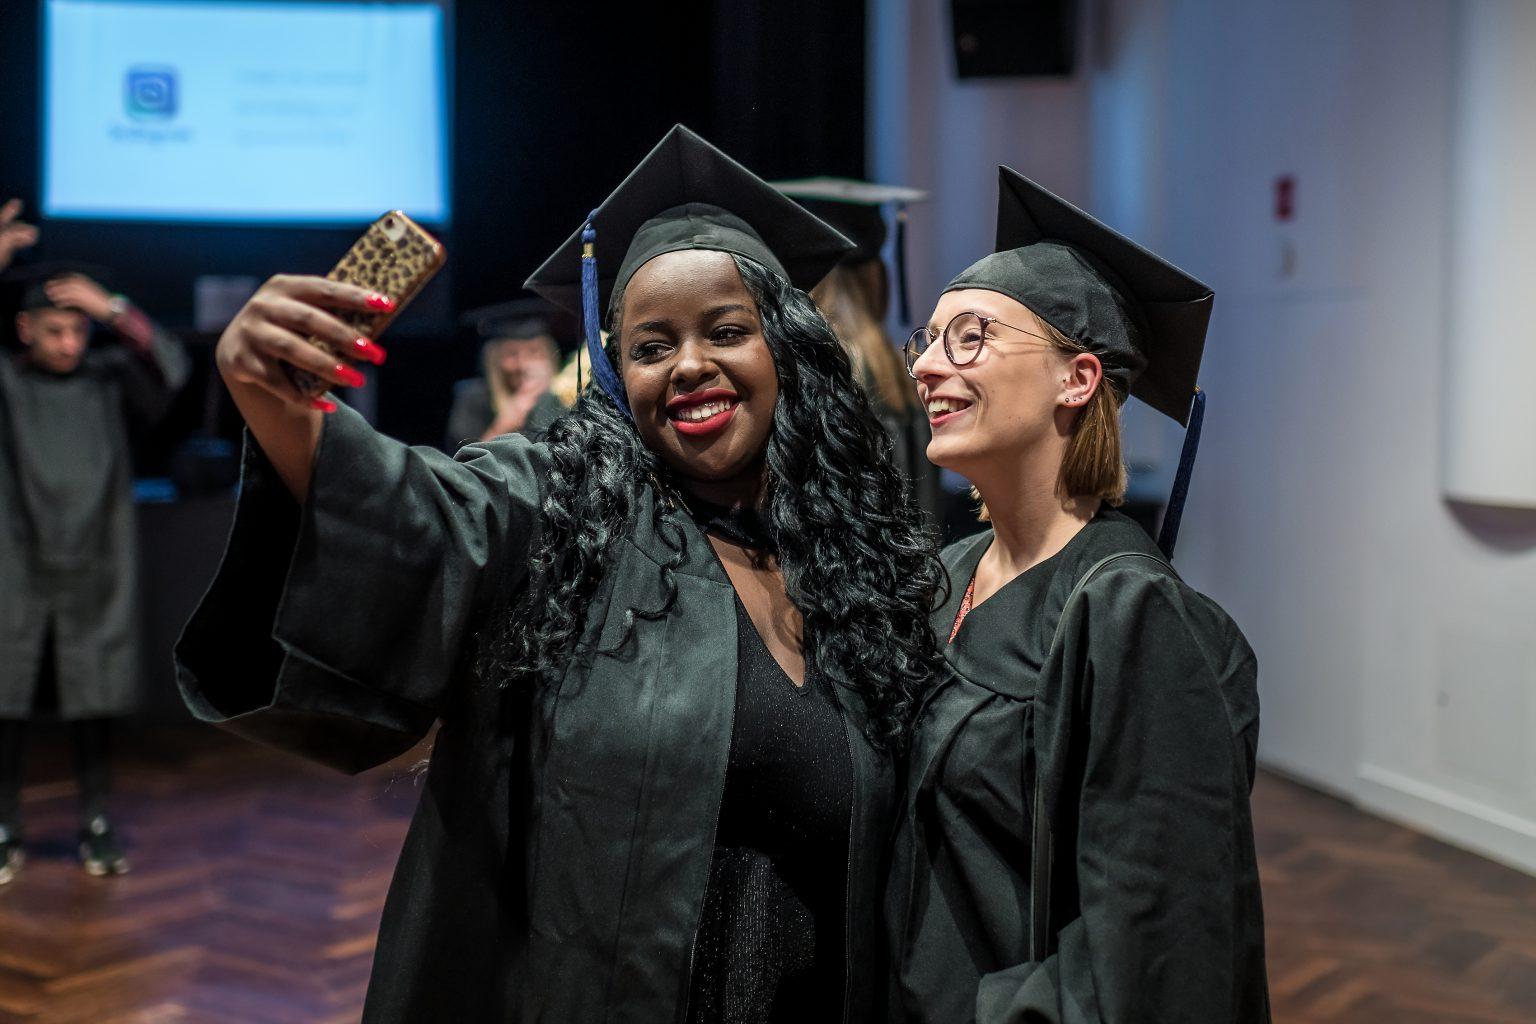 Préparatifs et selfie en attendant la cérémonie, remise de diplômes de la proclamation 2018-2019 de la FUCaM, par Aurore Delsoir Photographe Corporate